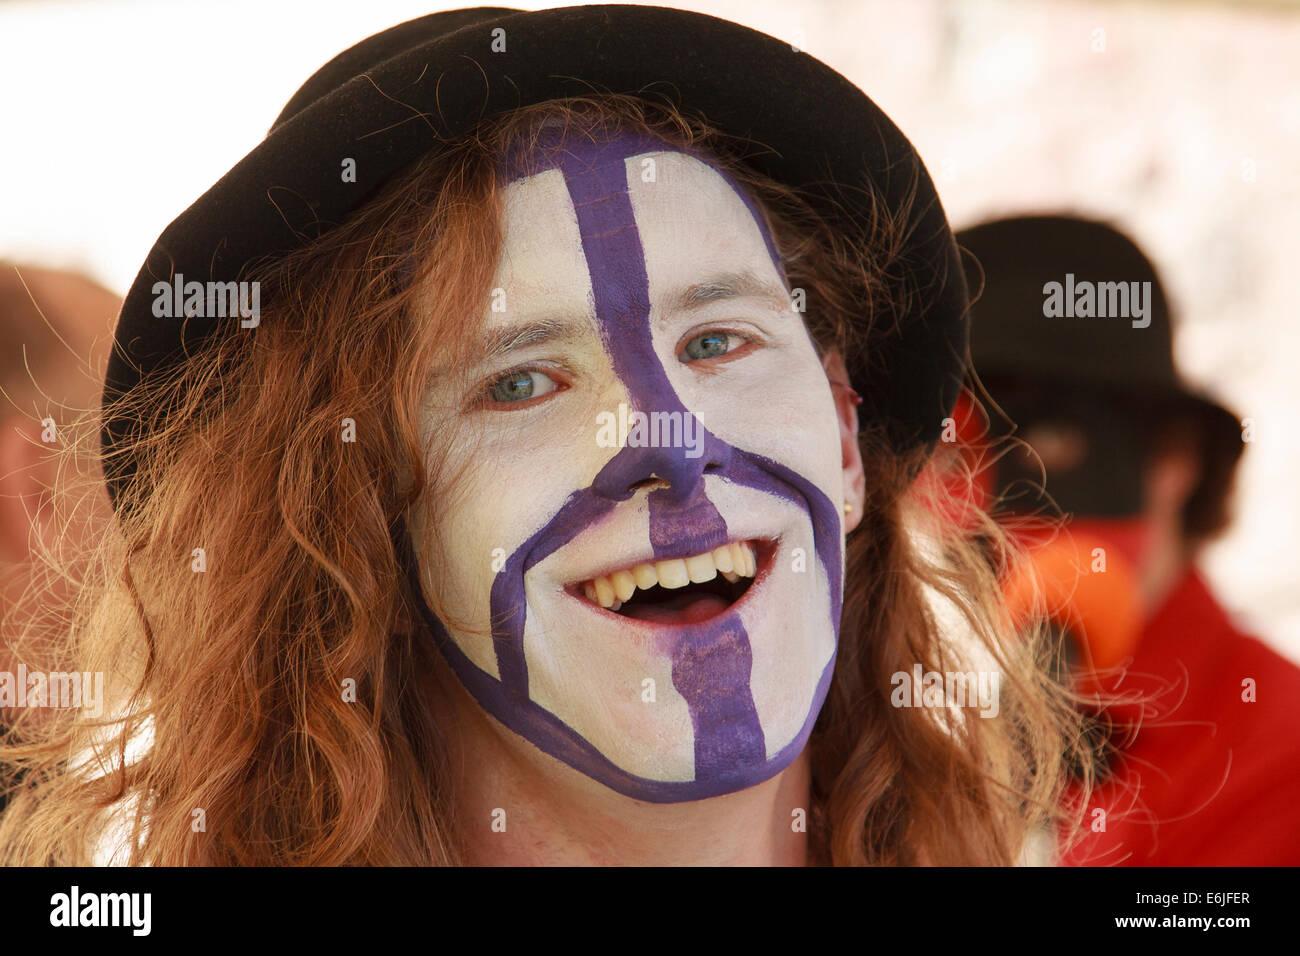 Sonriente, cabellos largos, adolescente - cara pintada con el símbolo de la CND. Imagen De Stock